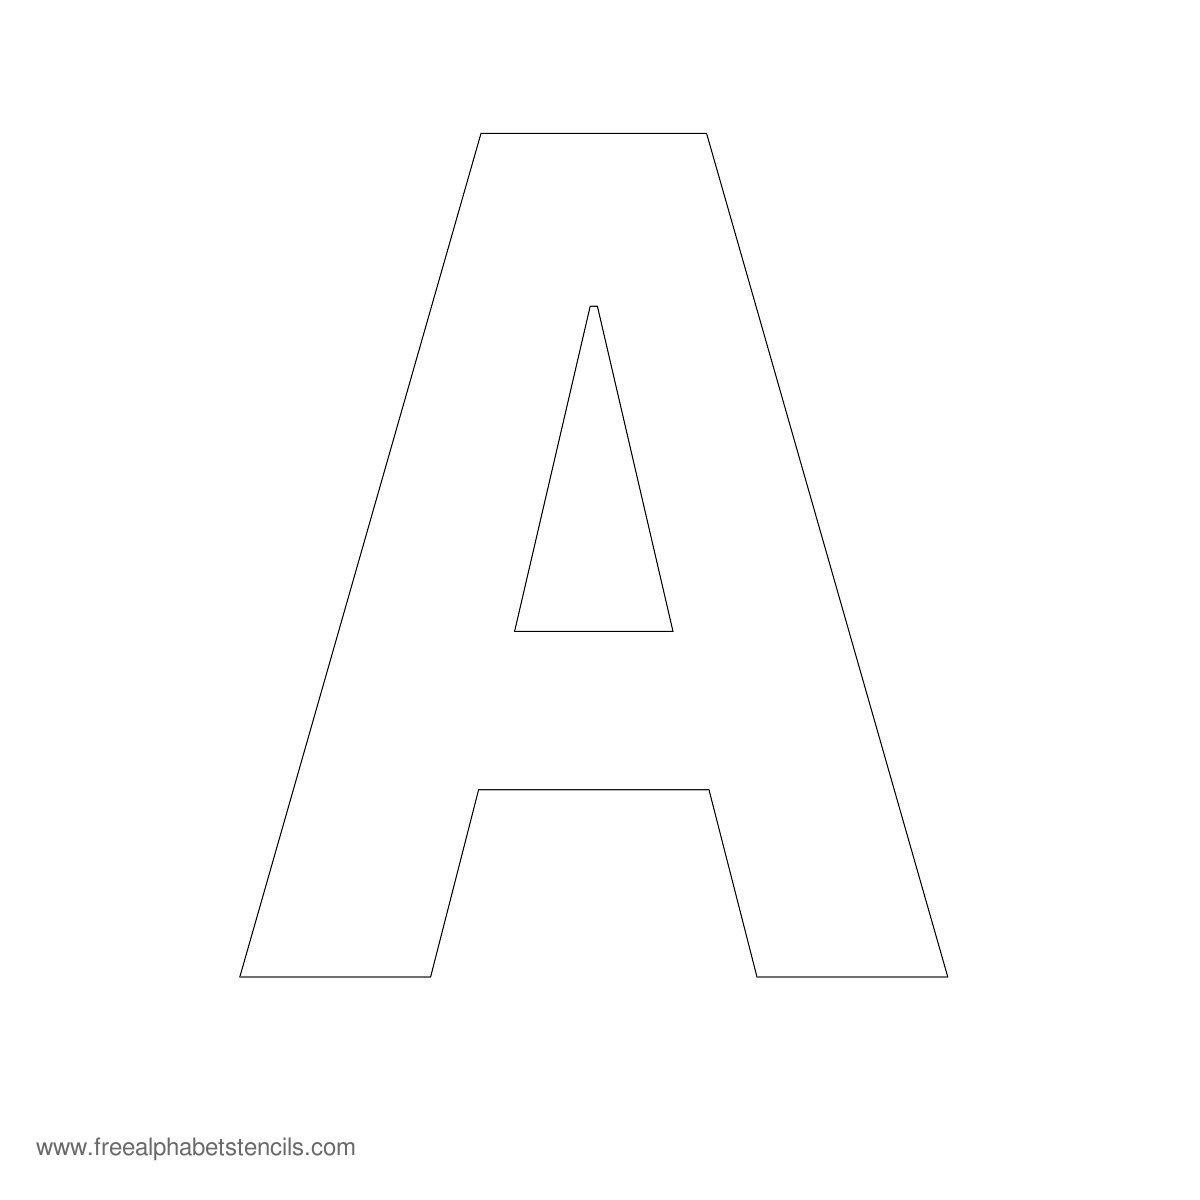 Large Alphabet Stencils | Freealphabetstencils - One Inch Stencils Printable Free